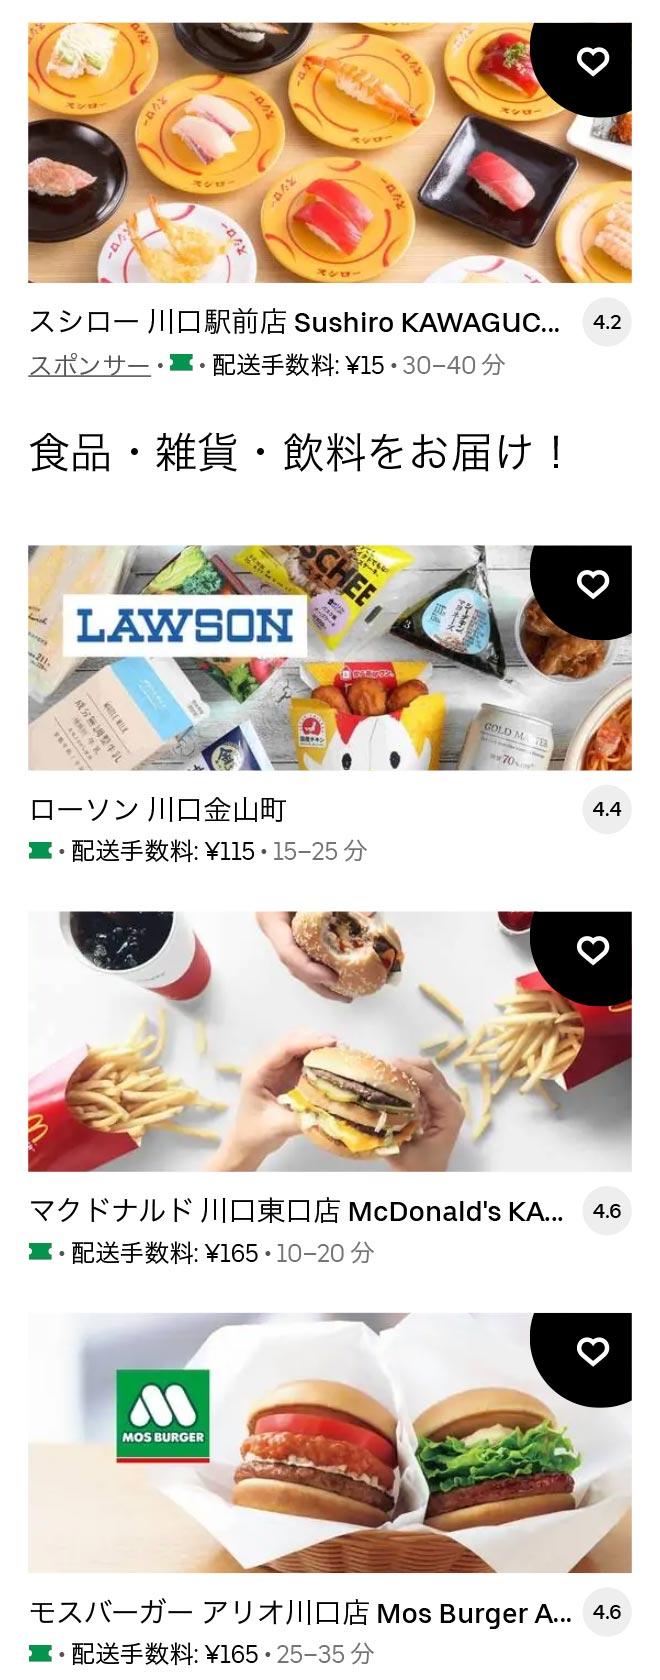 U kawaguchi 2104 01